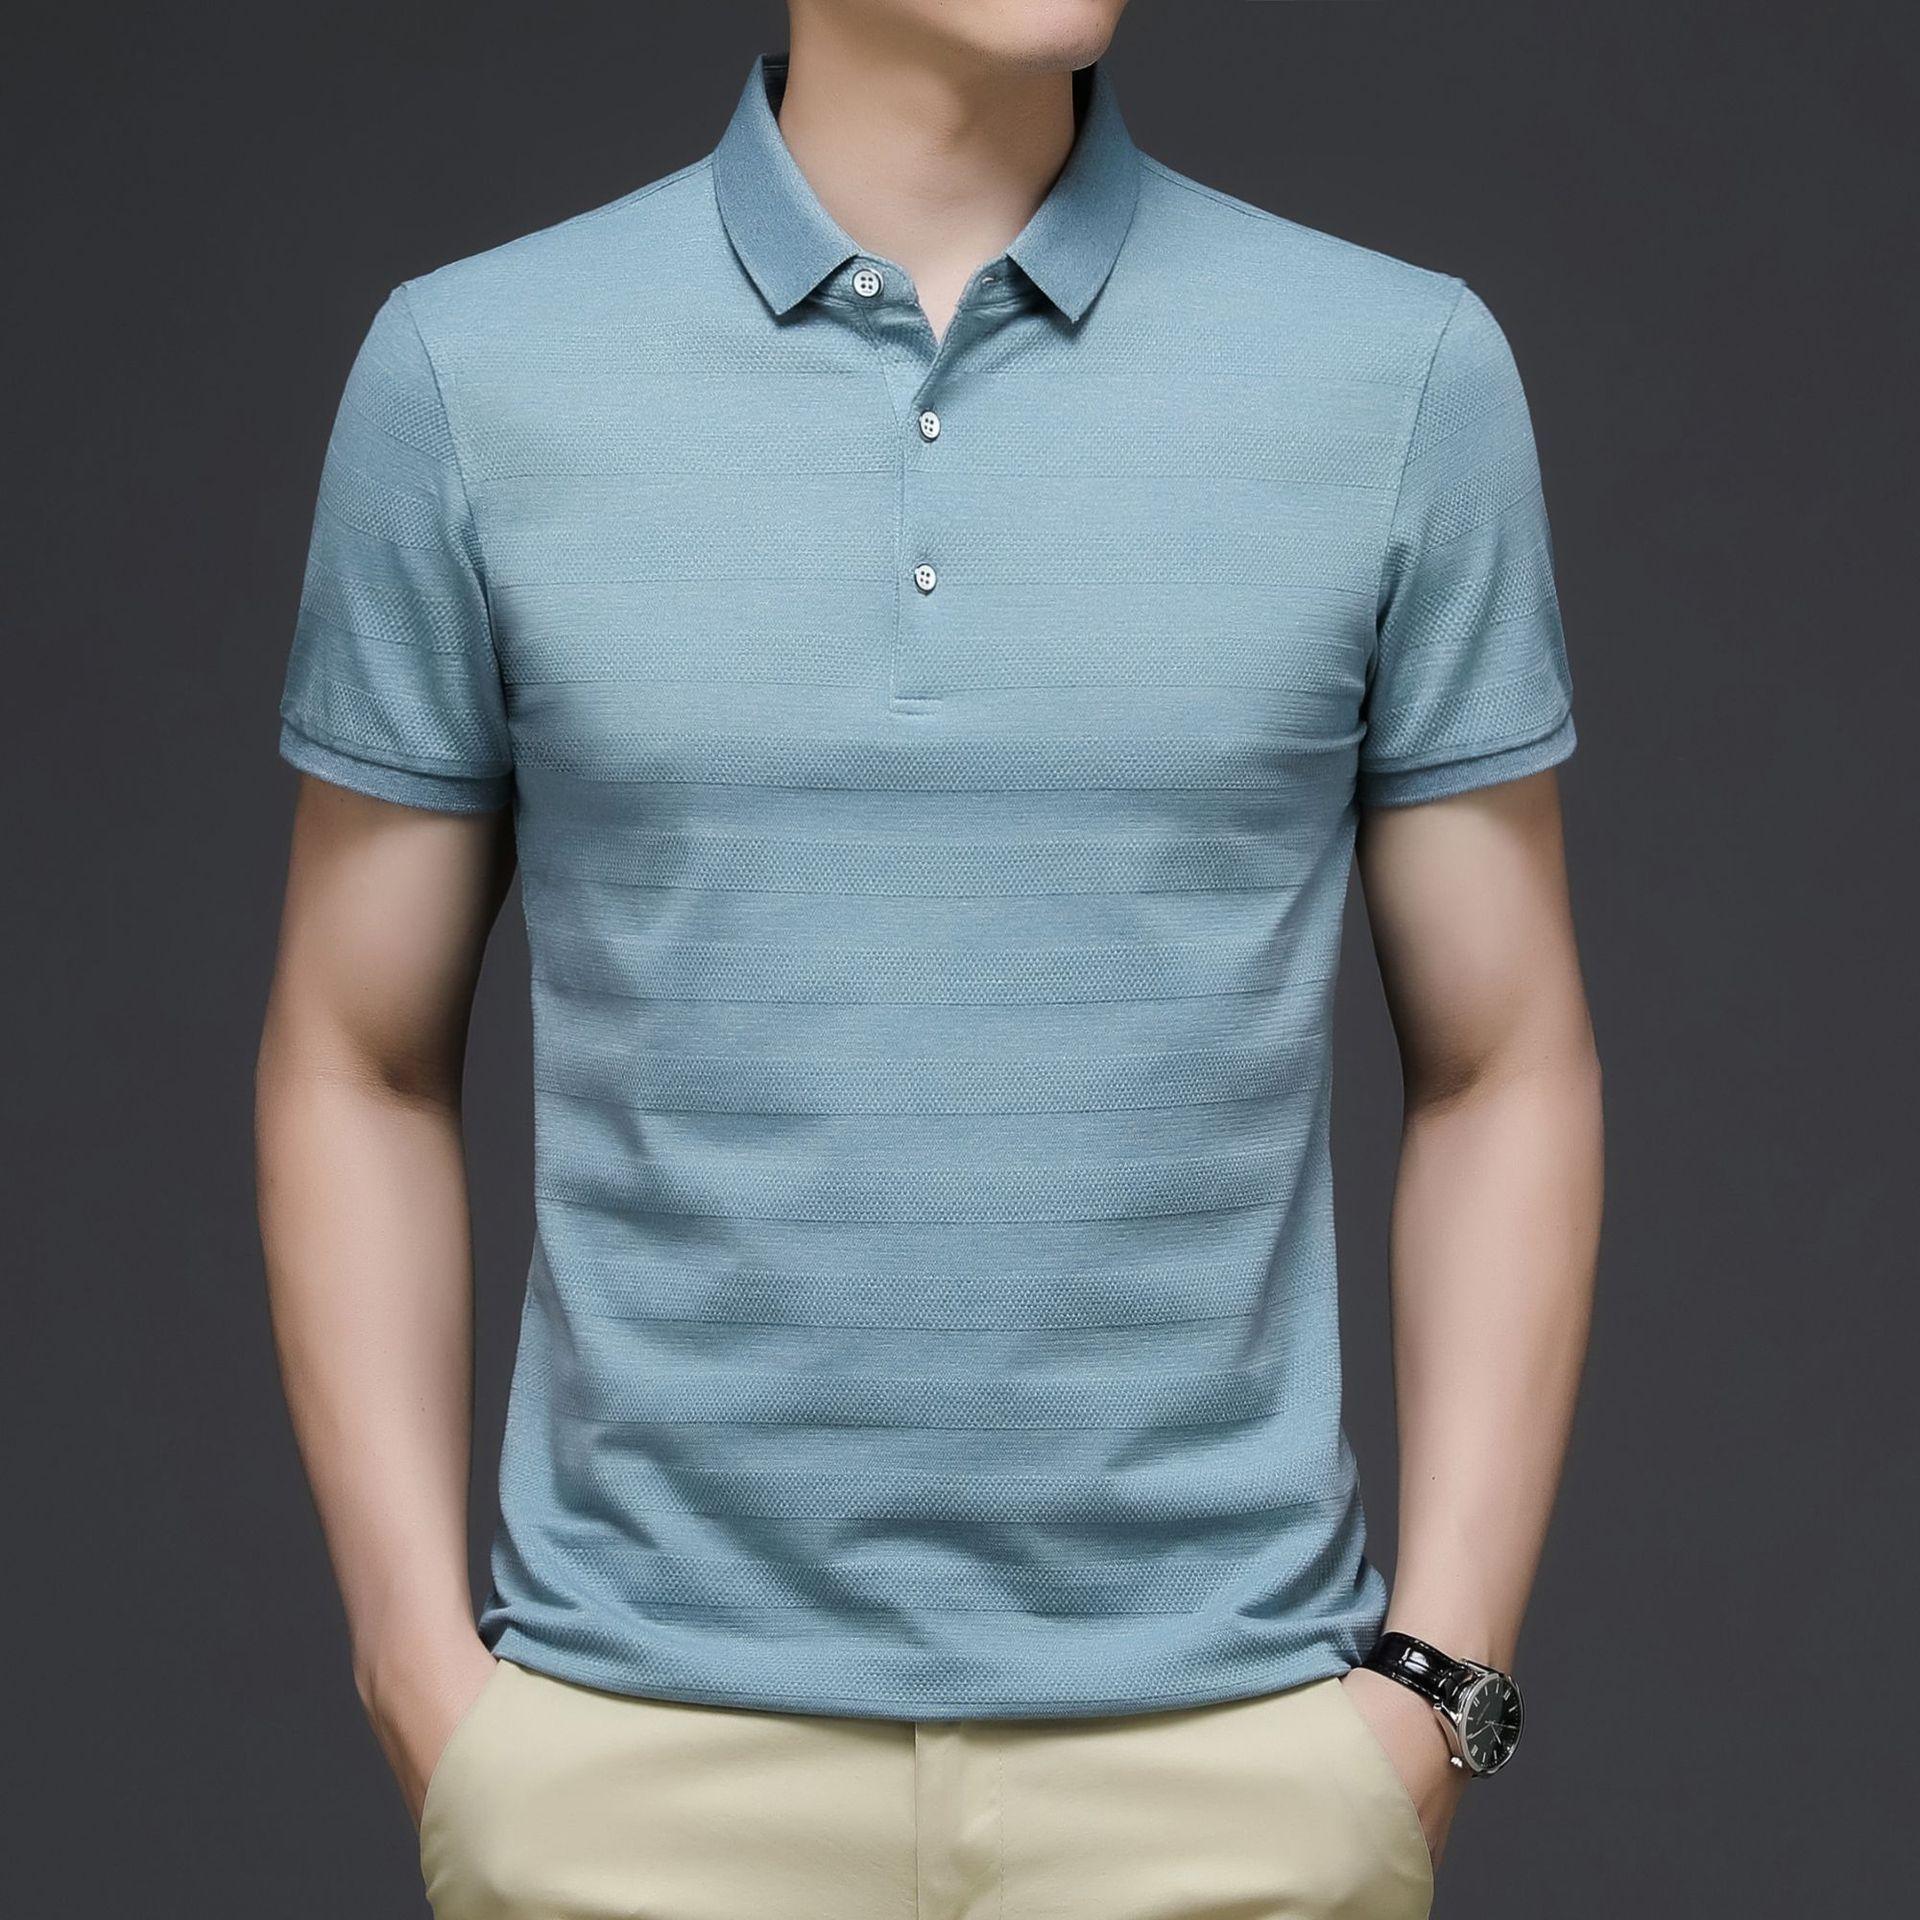 Летняя мужская одежда, мужские рубашки поло, деловые повседневные рубашки поло, рубашки поло с коротким рукавом